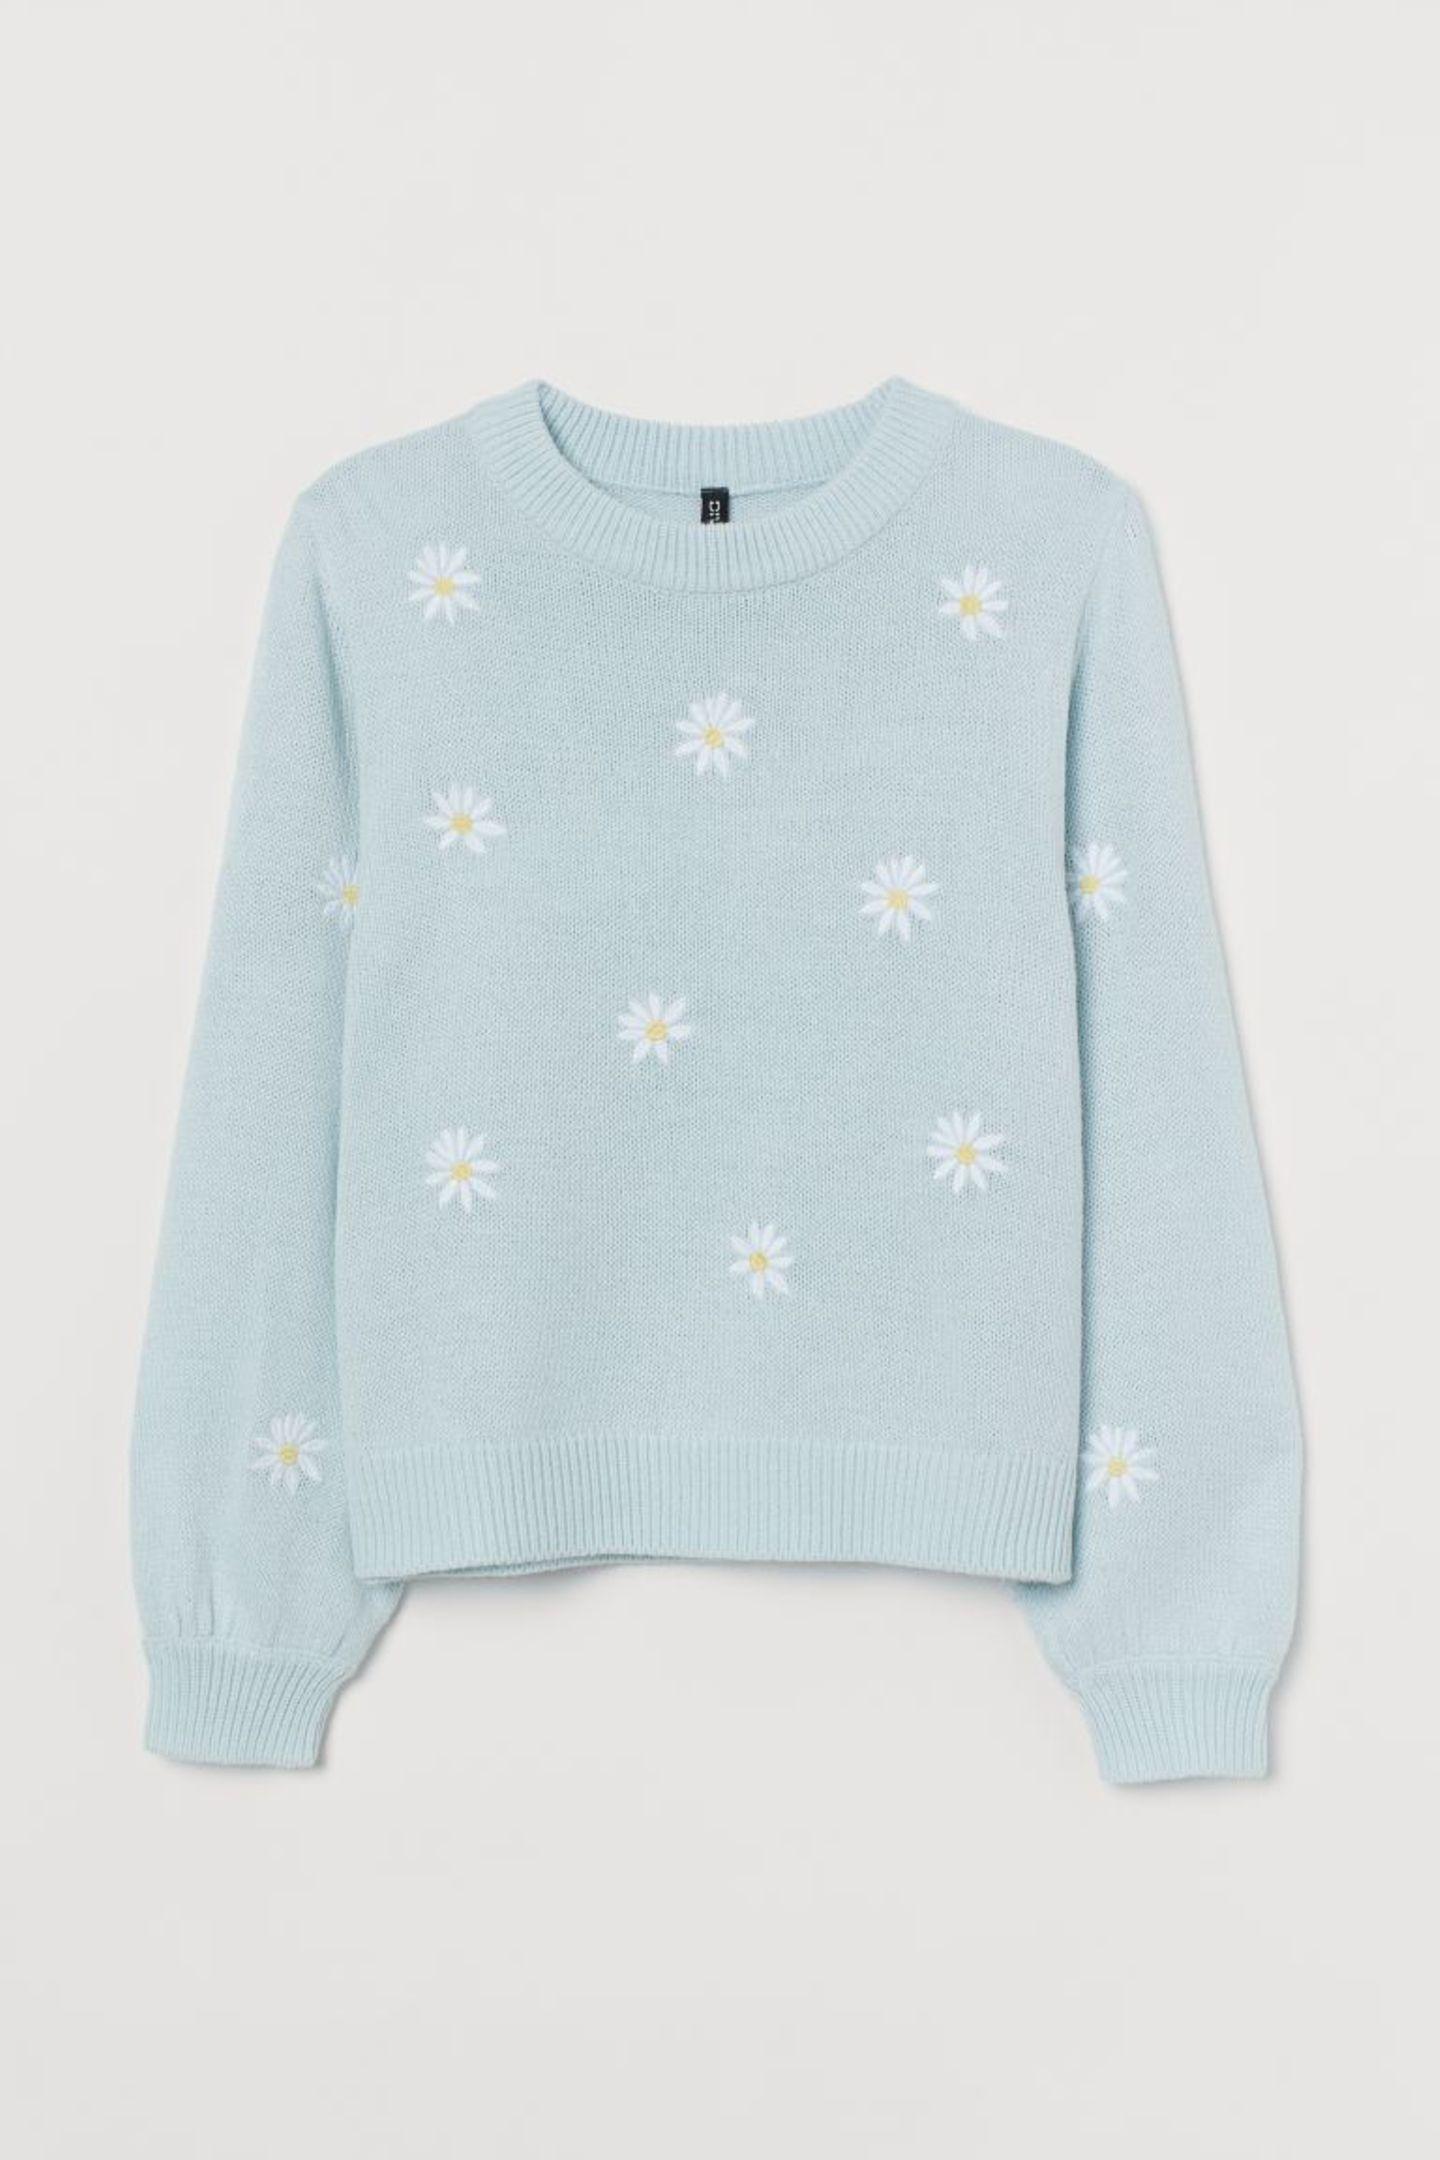 Bei diesem Pullover bekommen wir sofort Frühlingsgefühle! Nicht nur das zarte Pastellblau, sondern auch die süßen Gänseblümchen lassen unser Herz höher schlagen. Von H&M+, etwa 25 Euro.